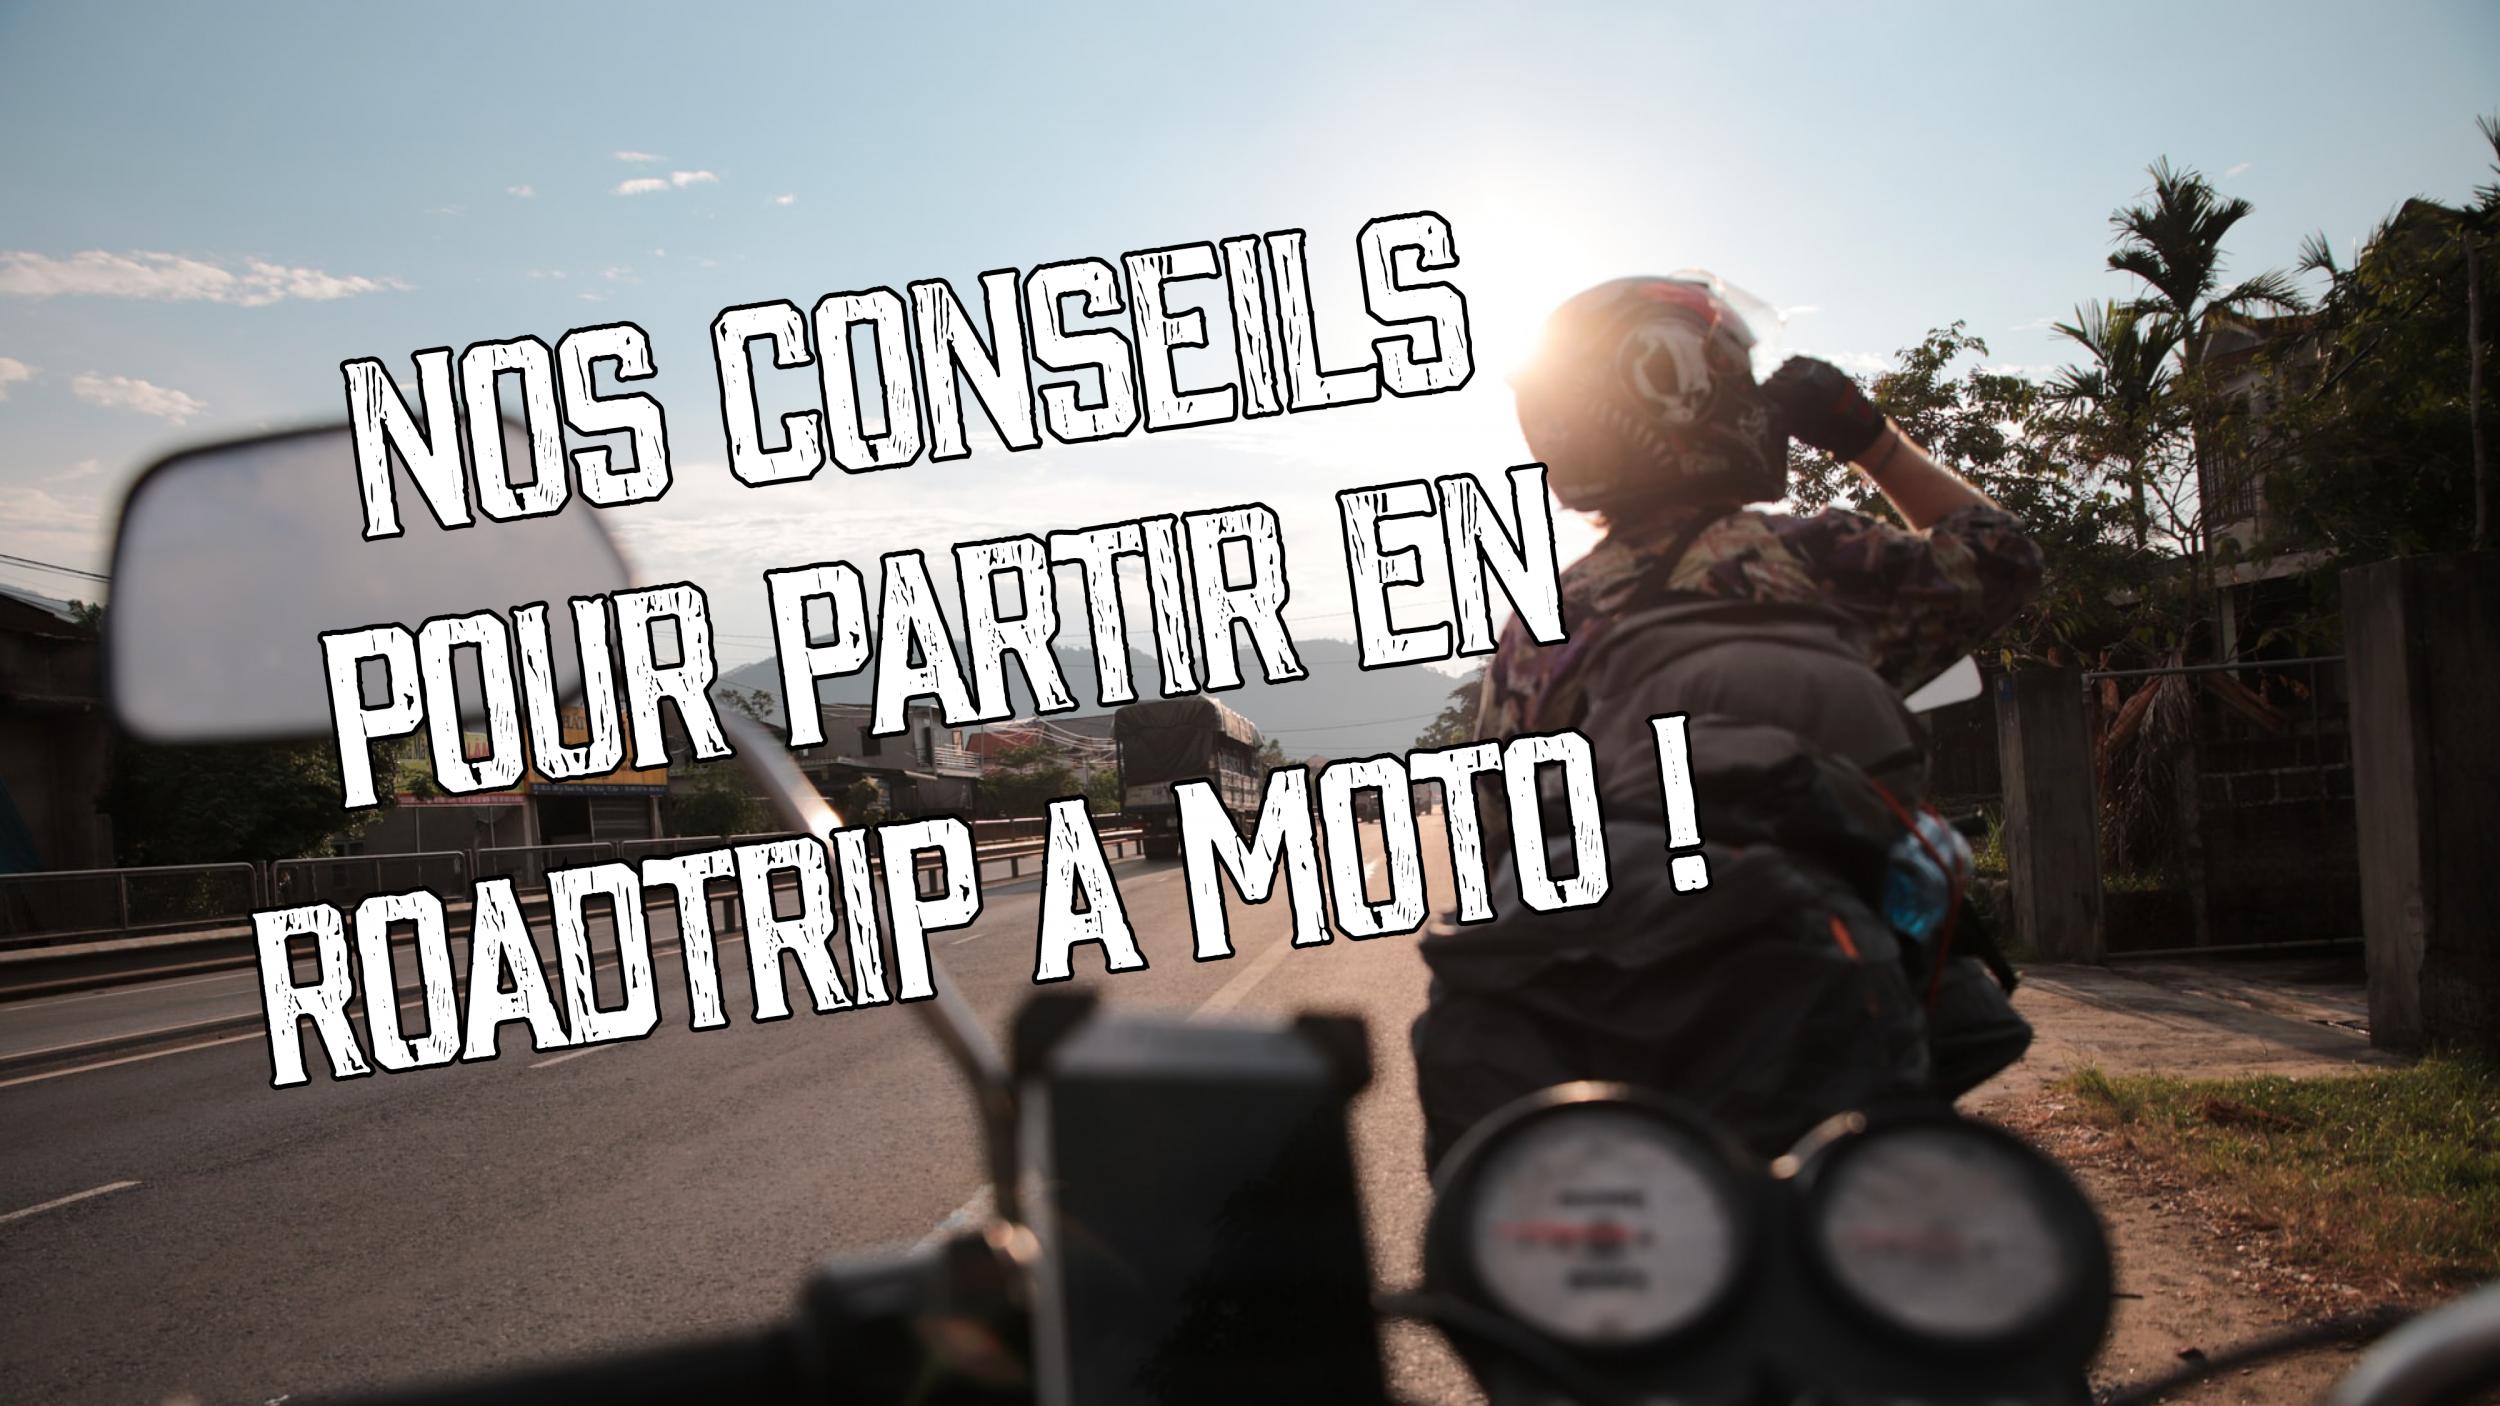 Règles d'or pour partir en roadtrip à moto